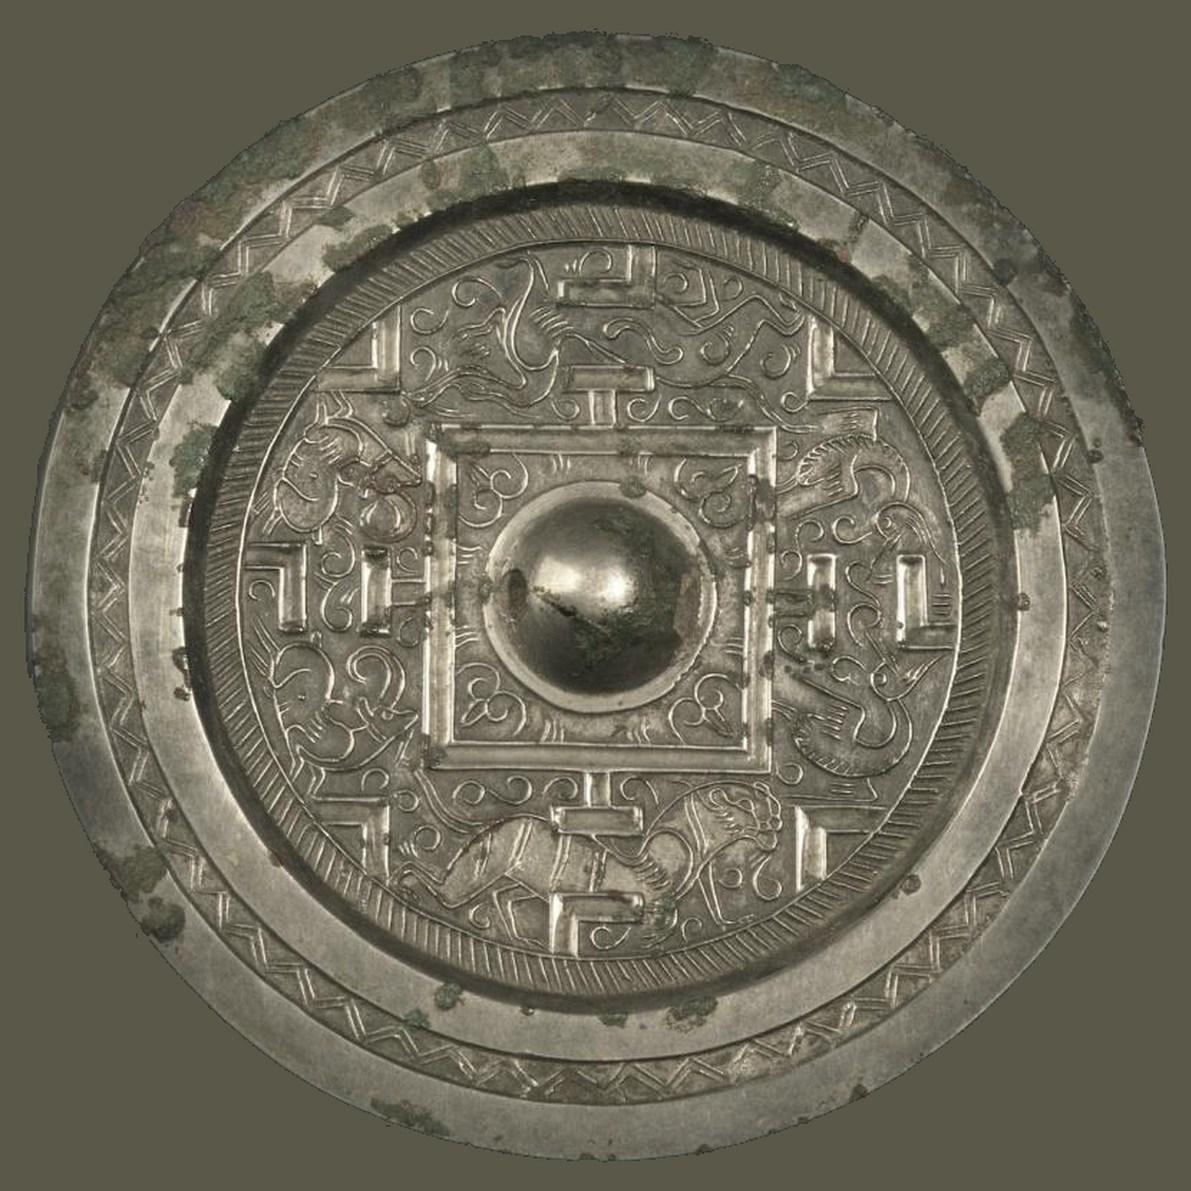 Miroir de type TLV, alliage cuivreux à teneur en argent, dynastie des Han Orientaux